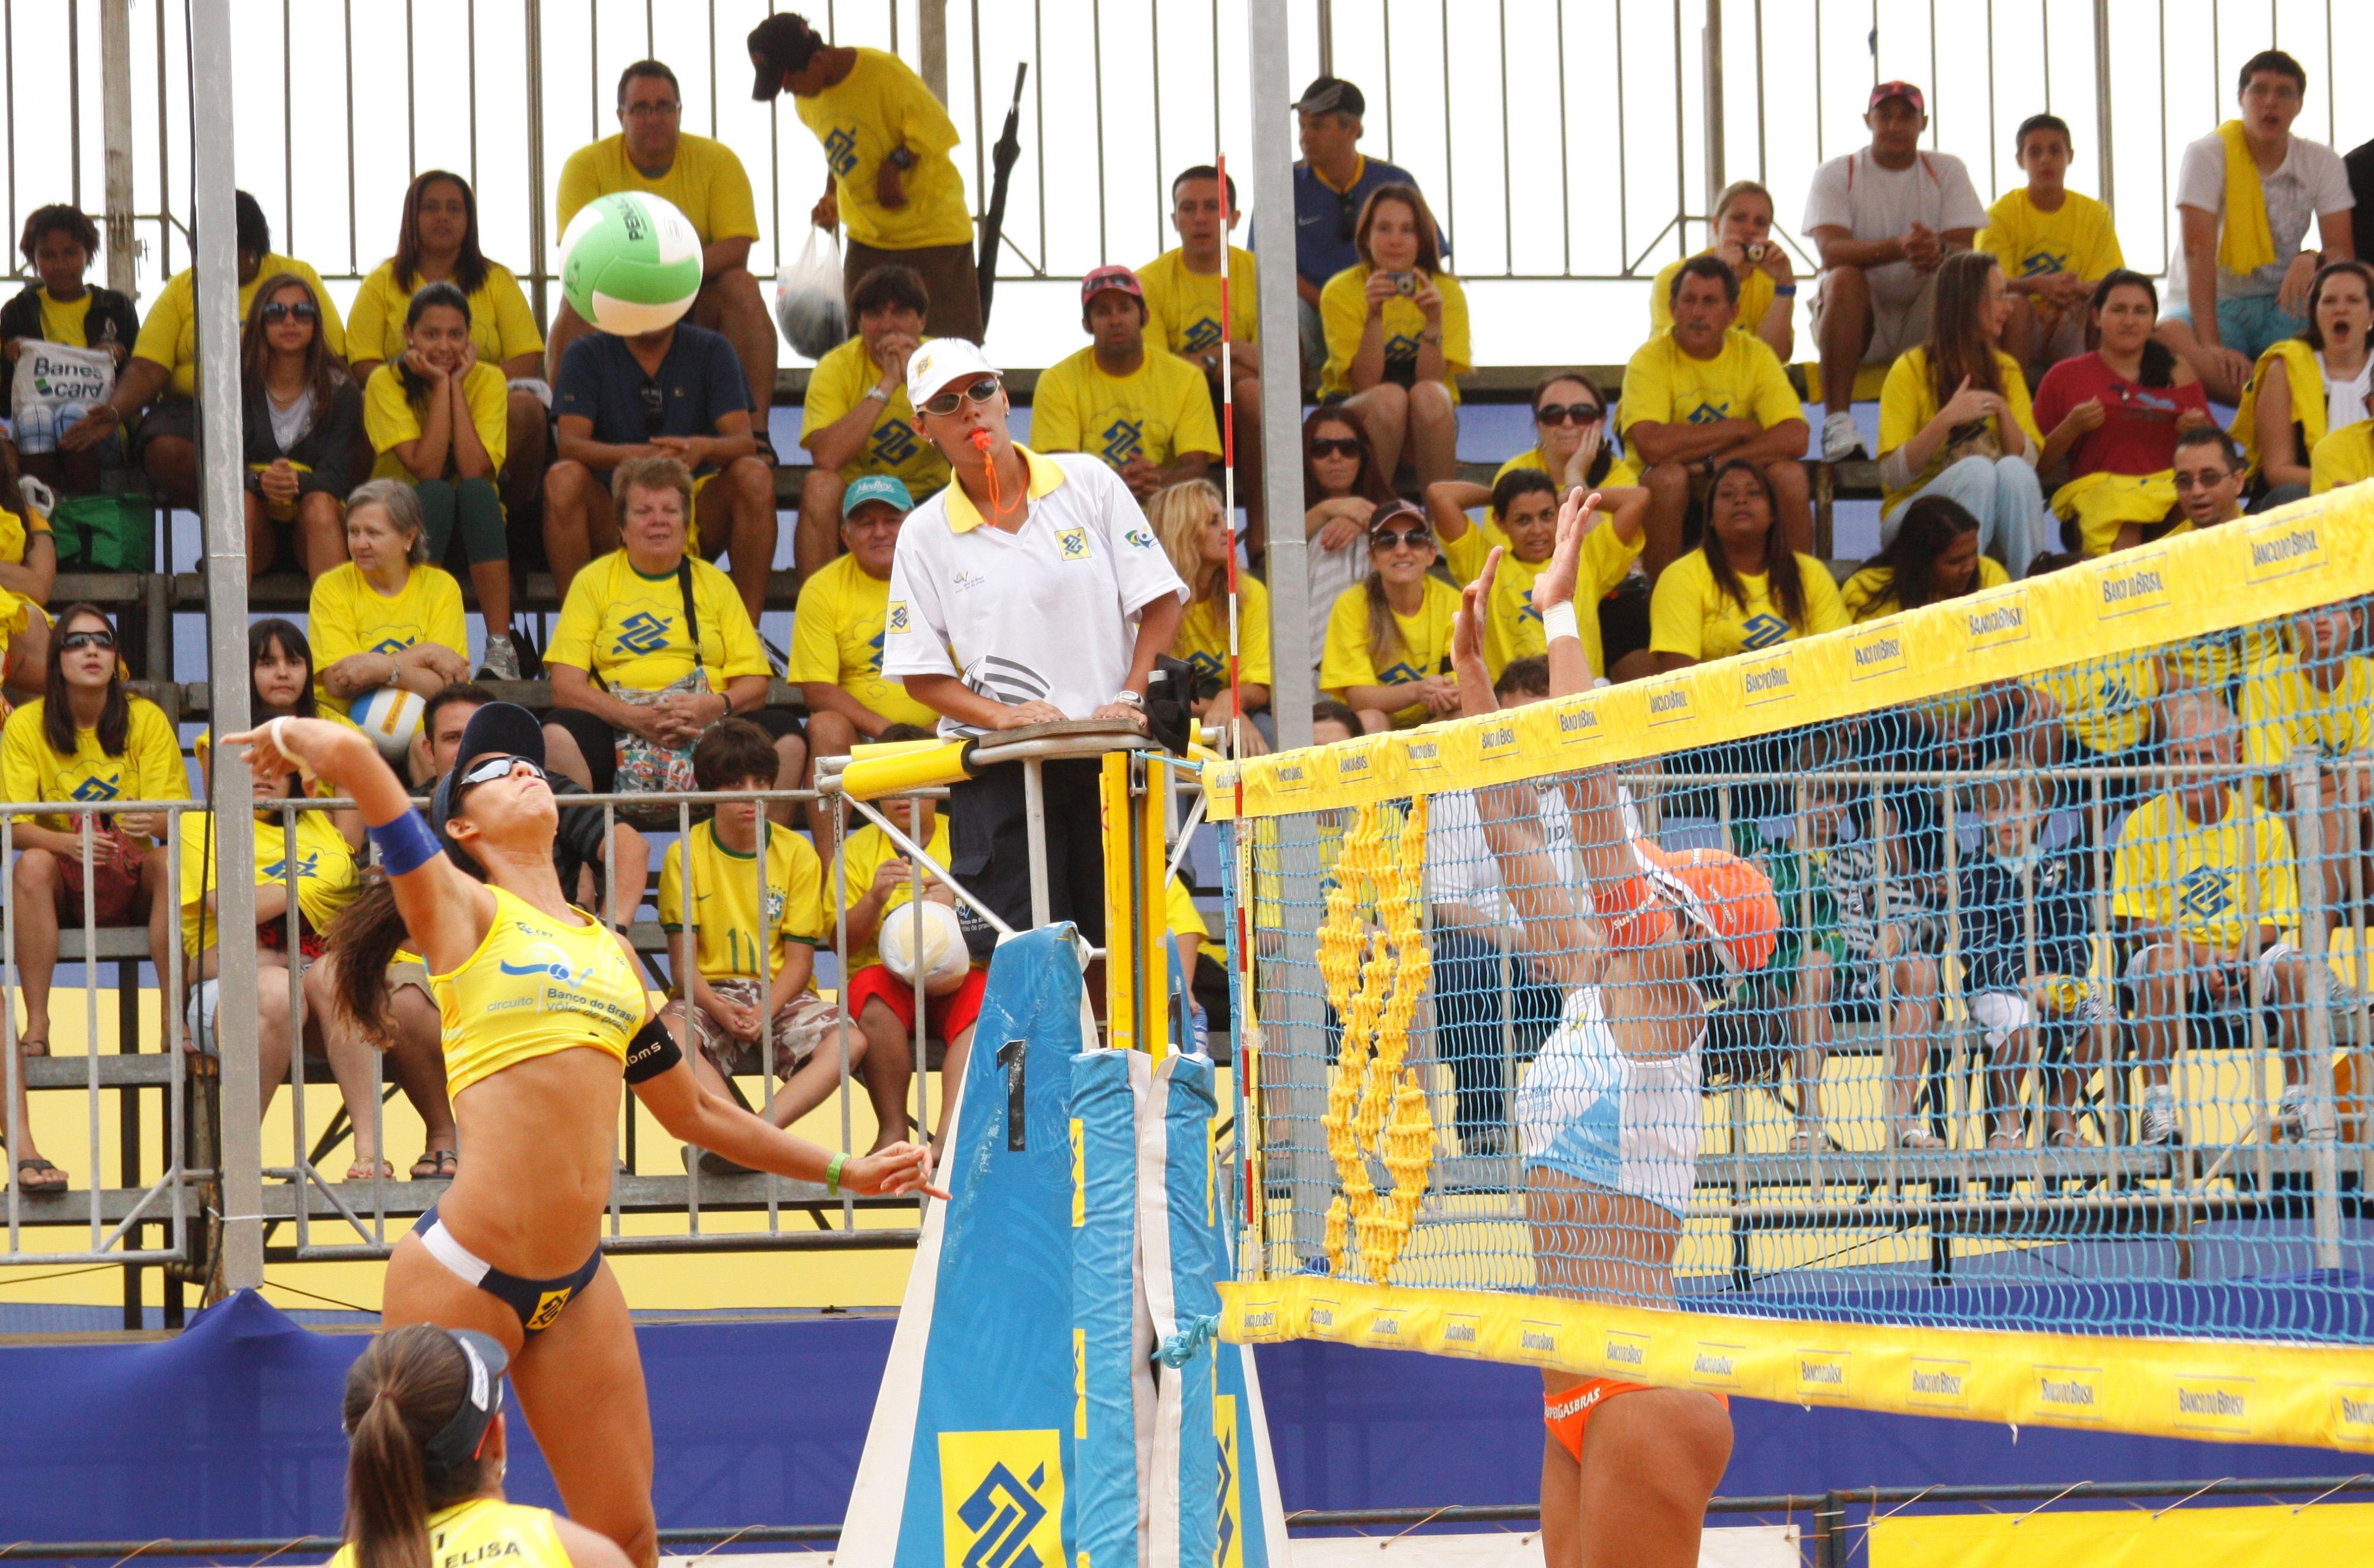 Circuito Banco Do Brasil : Vôlei de praia banco do brasil nos eventos